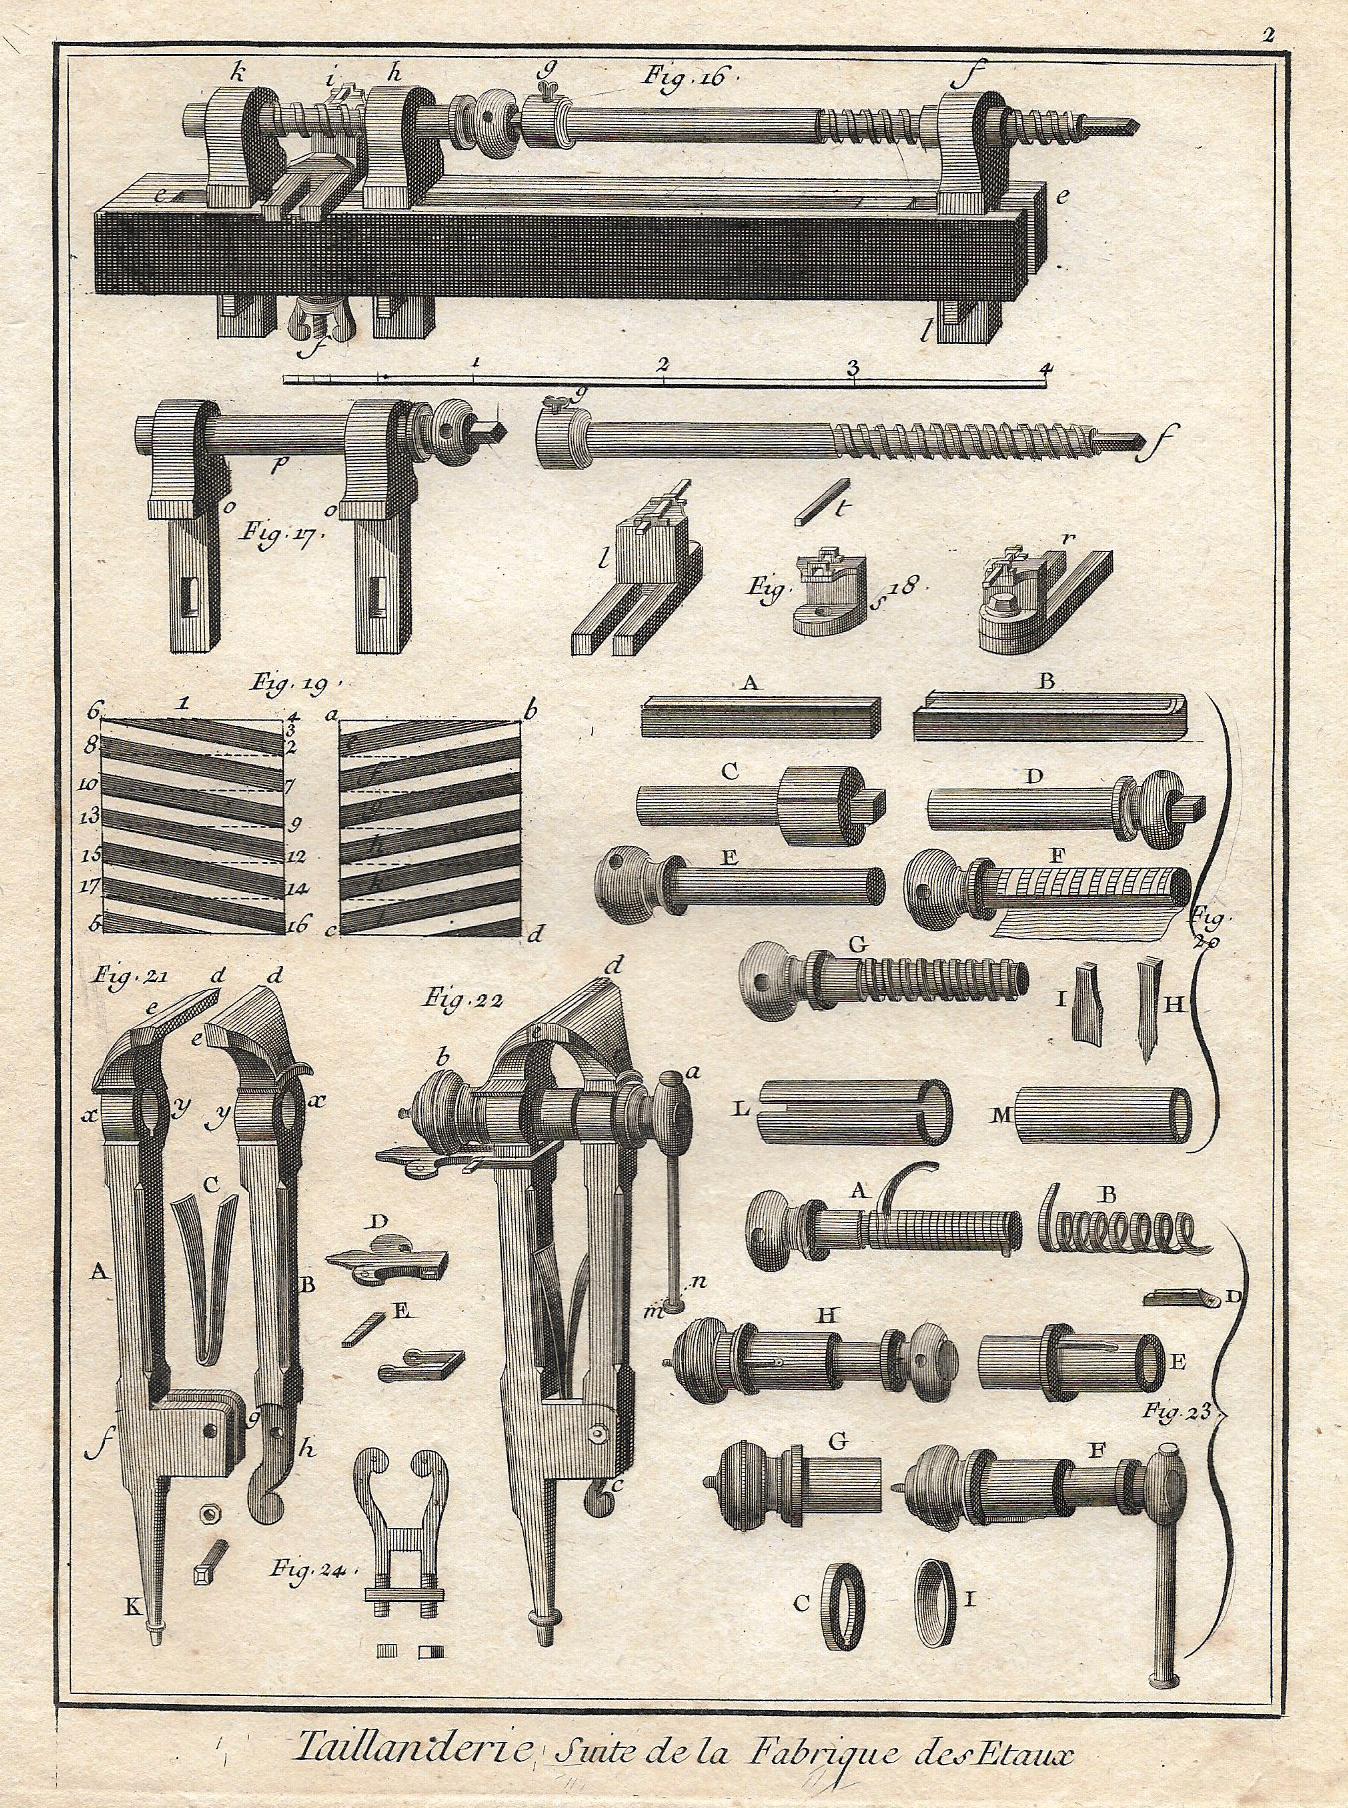 Diderot S Encyclopdie Wood Vice Tools 1751 Old